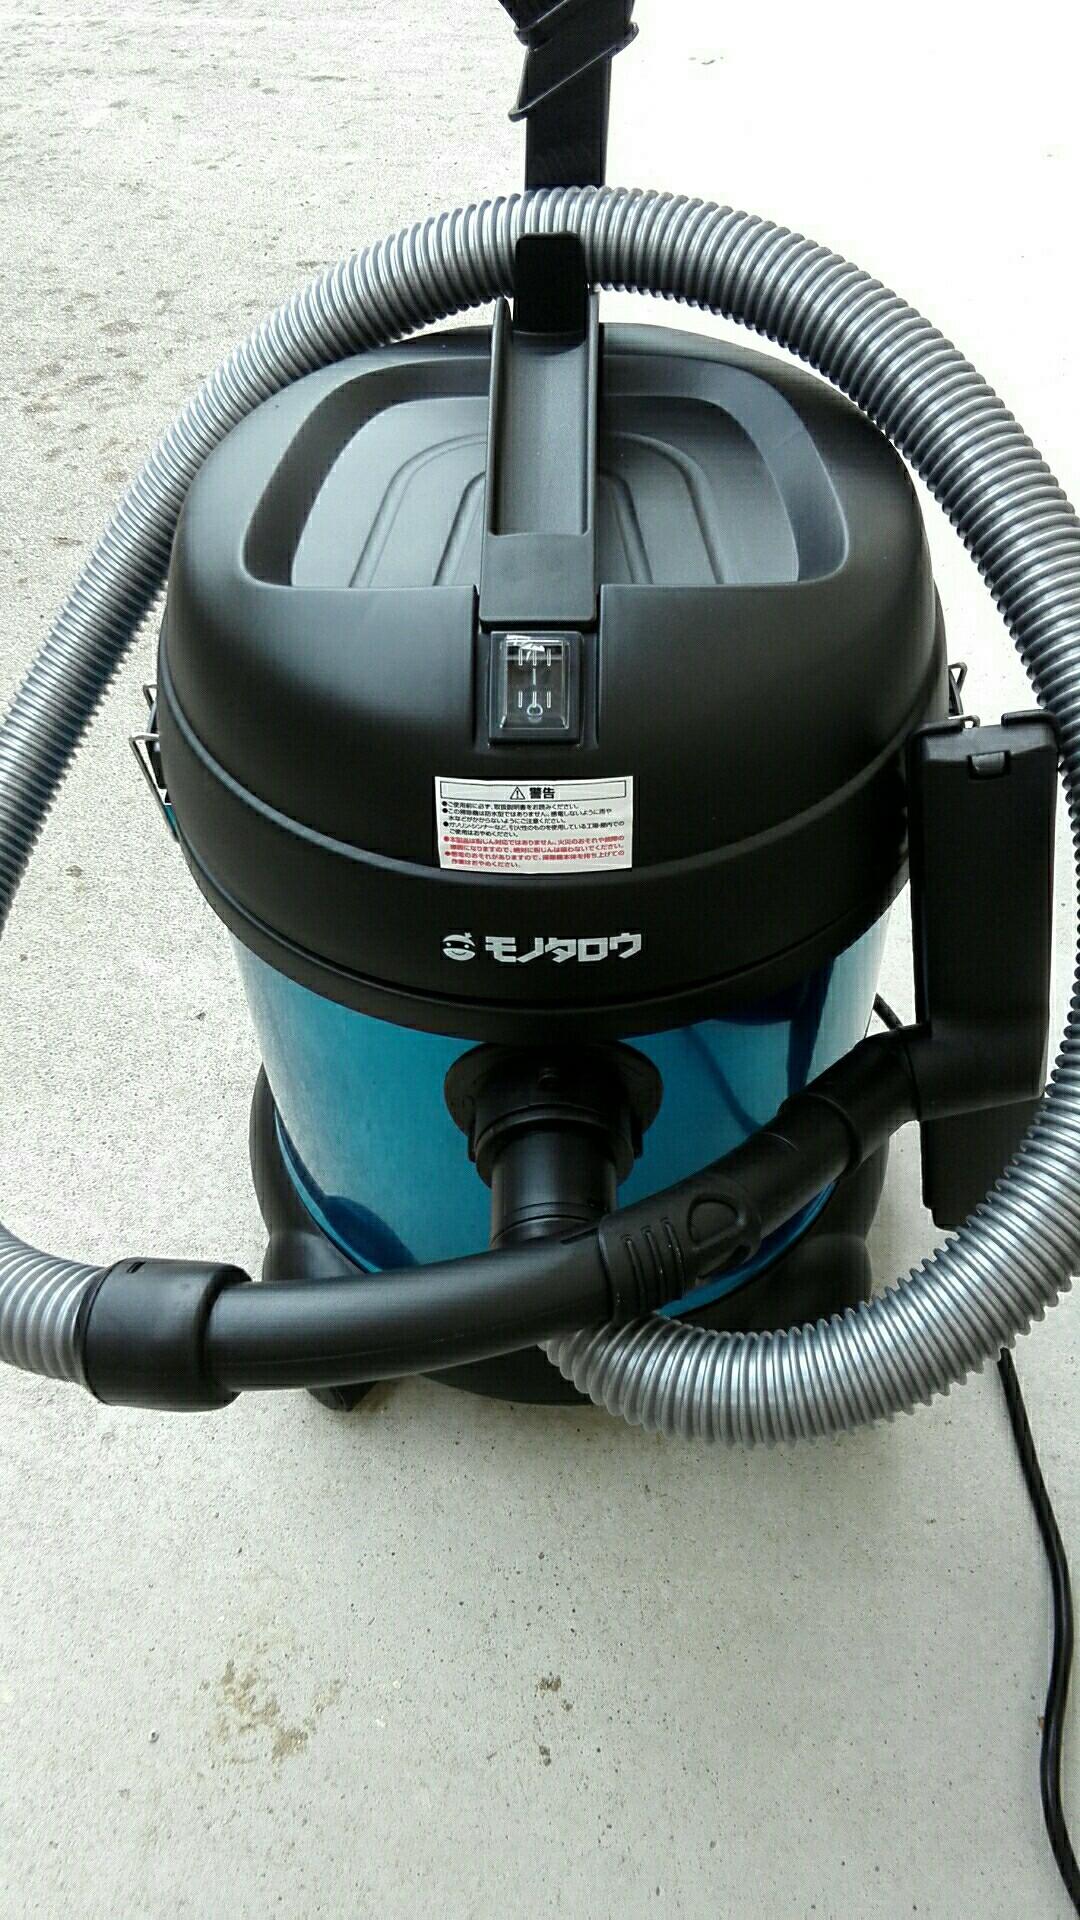 Monotaro 乾湿両用電気掃除機モノクリーナー